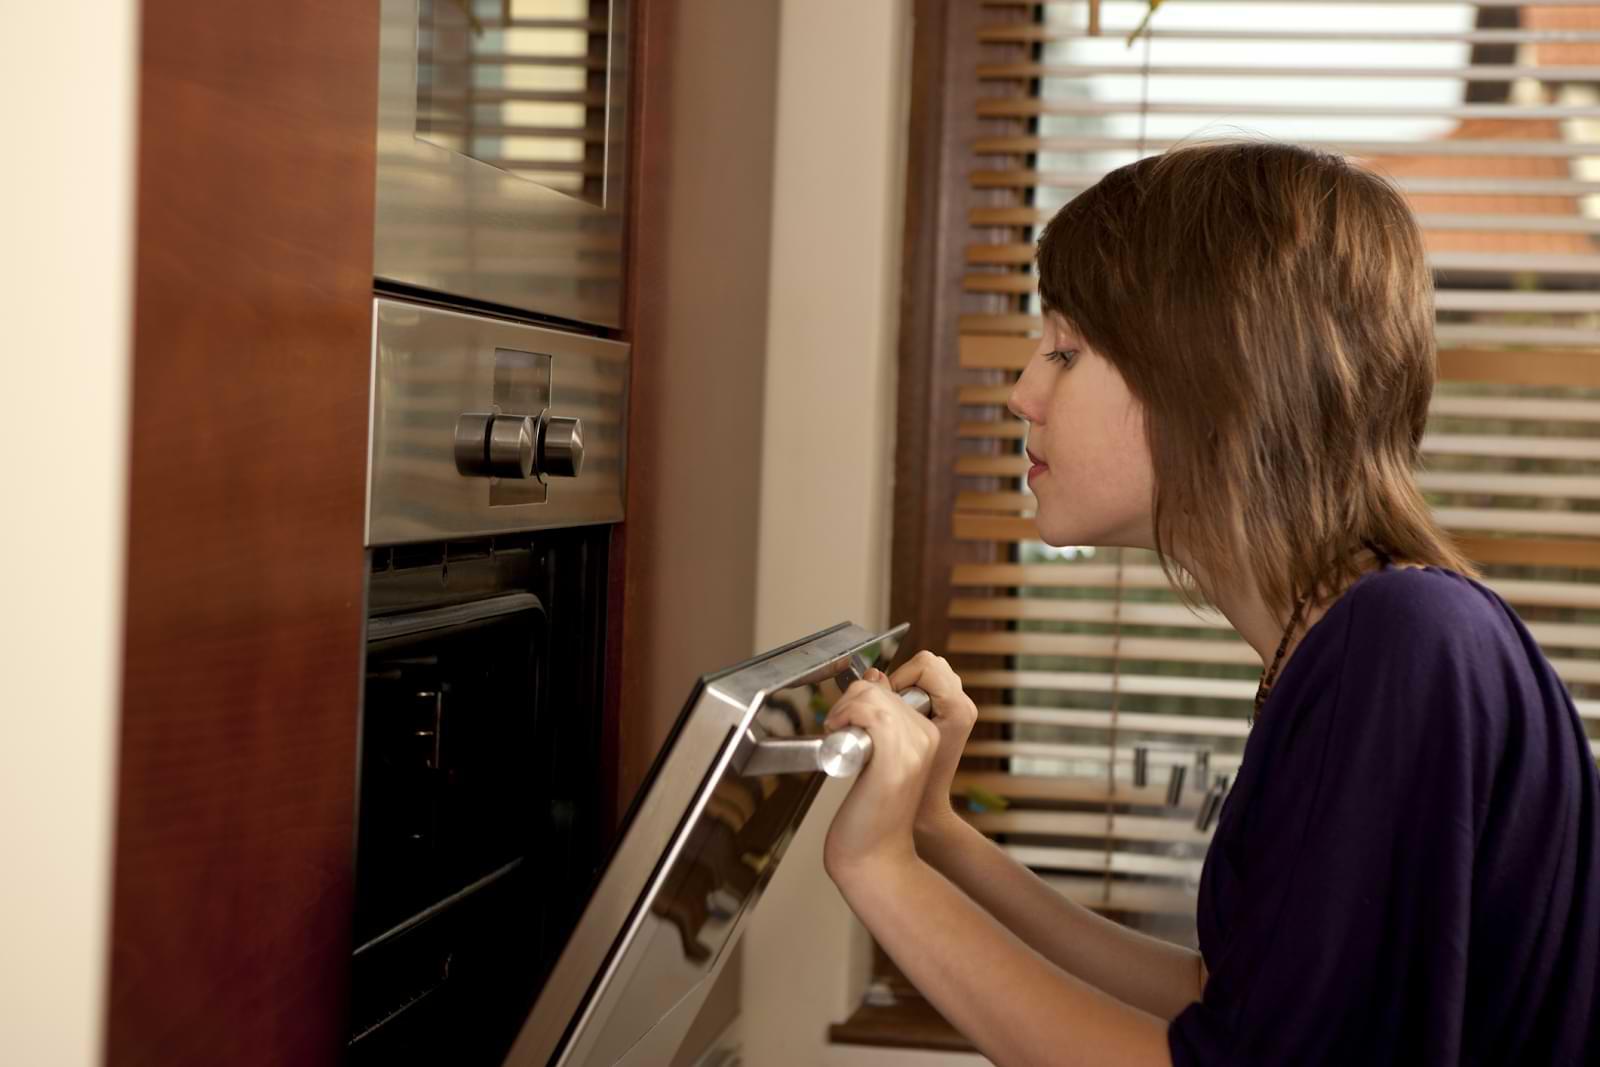 Bad Kitchen Habits